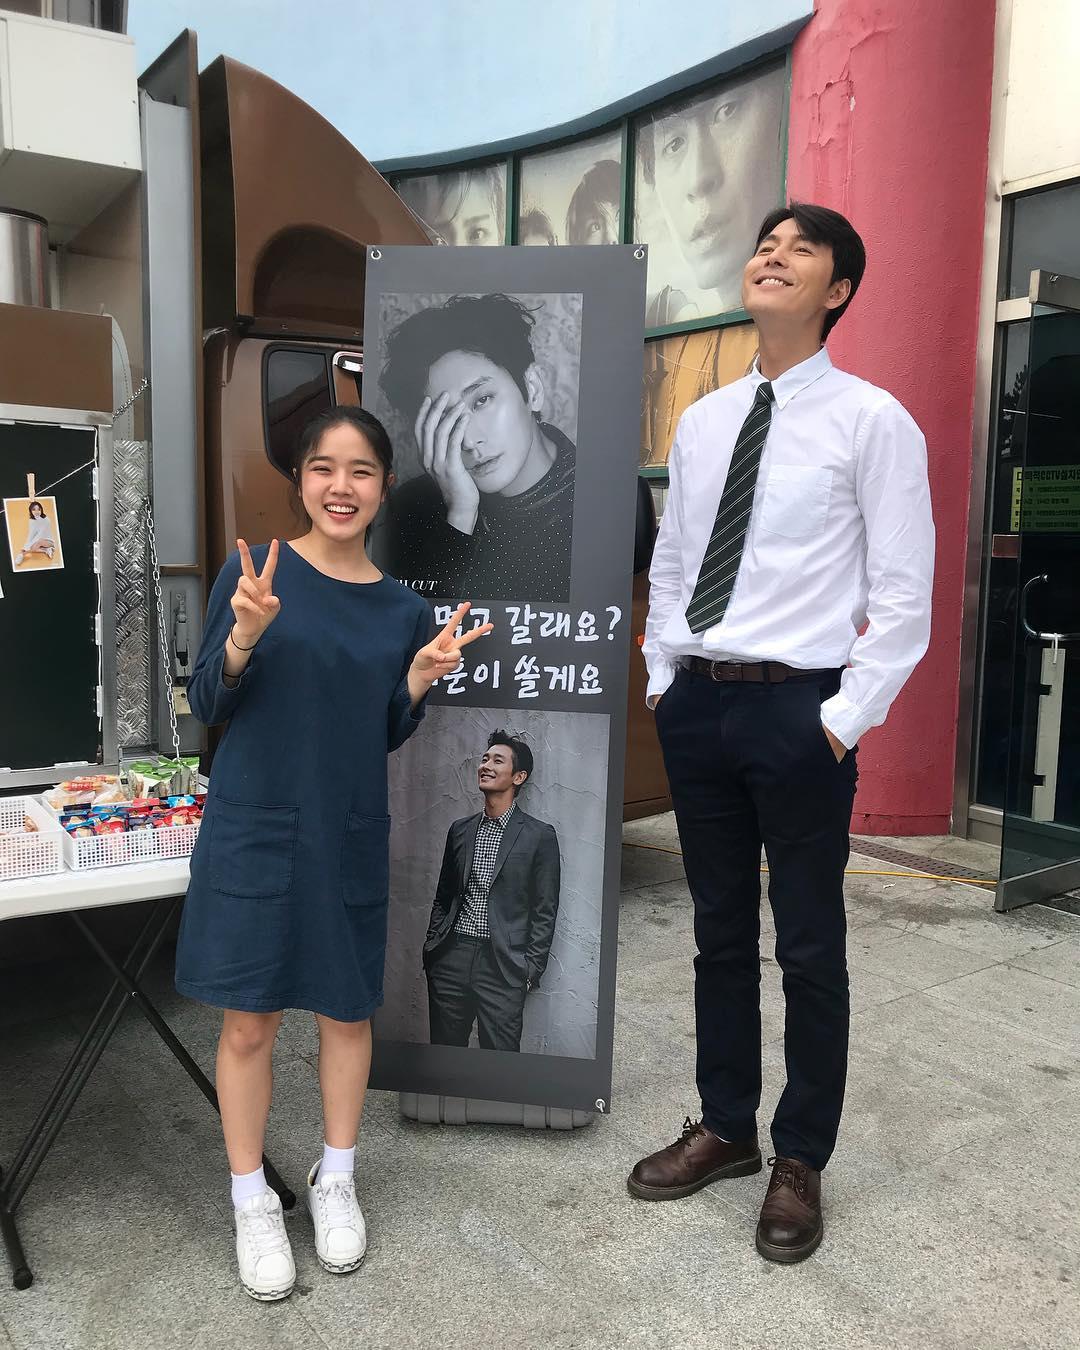 缘分!两人相隔17年又重逢啦,金香起与郑雨盛合作电影《证人》韩国热映!插图5